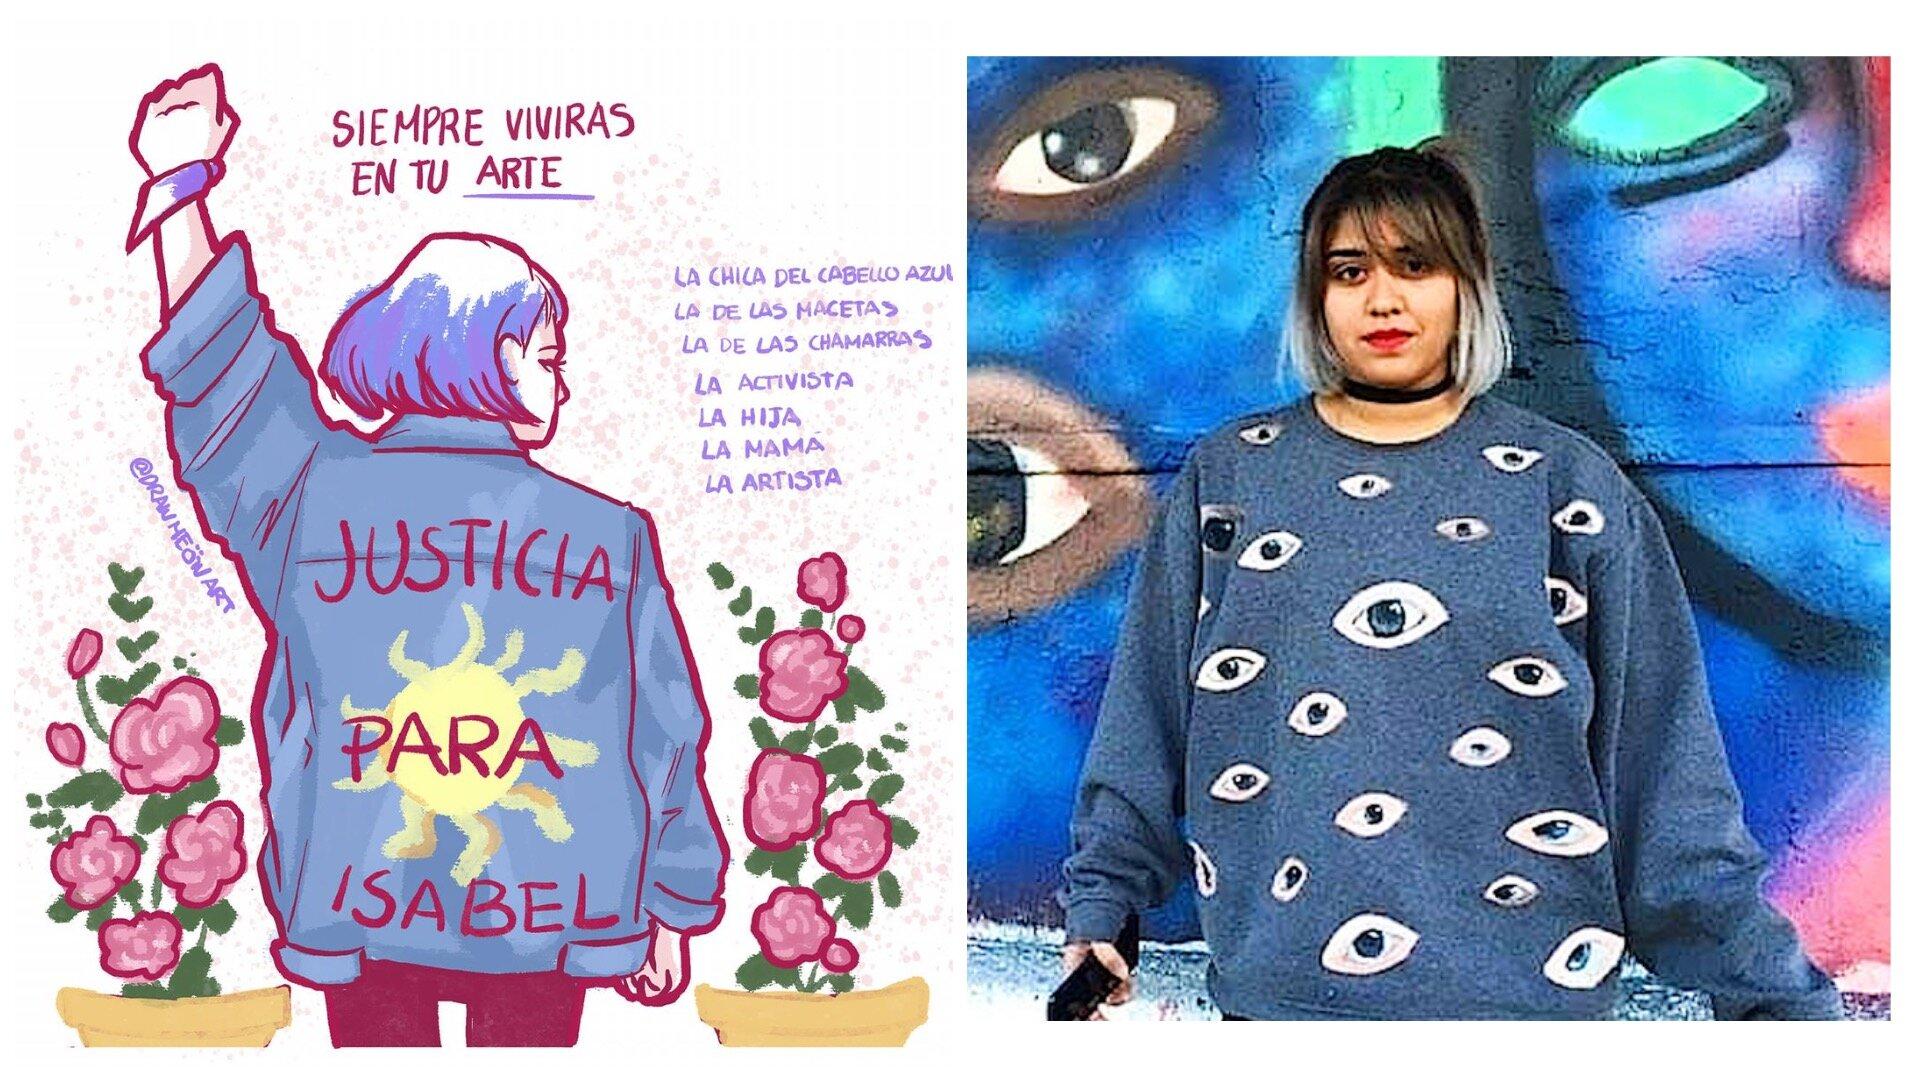 Мексиканську художницю та феміністку вбили в центрі міста Сьюдад-Хуарес